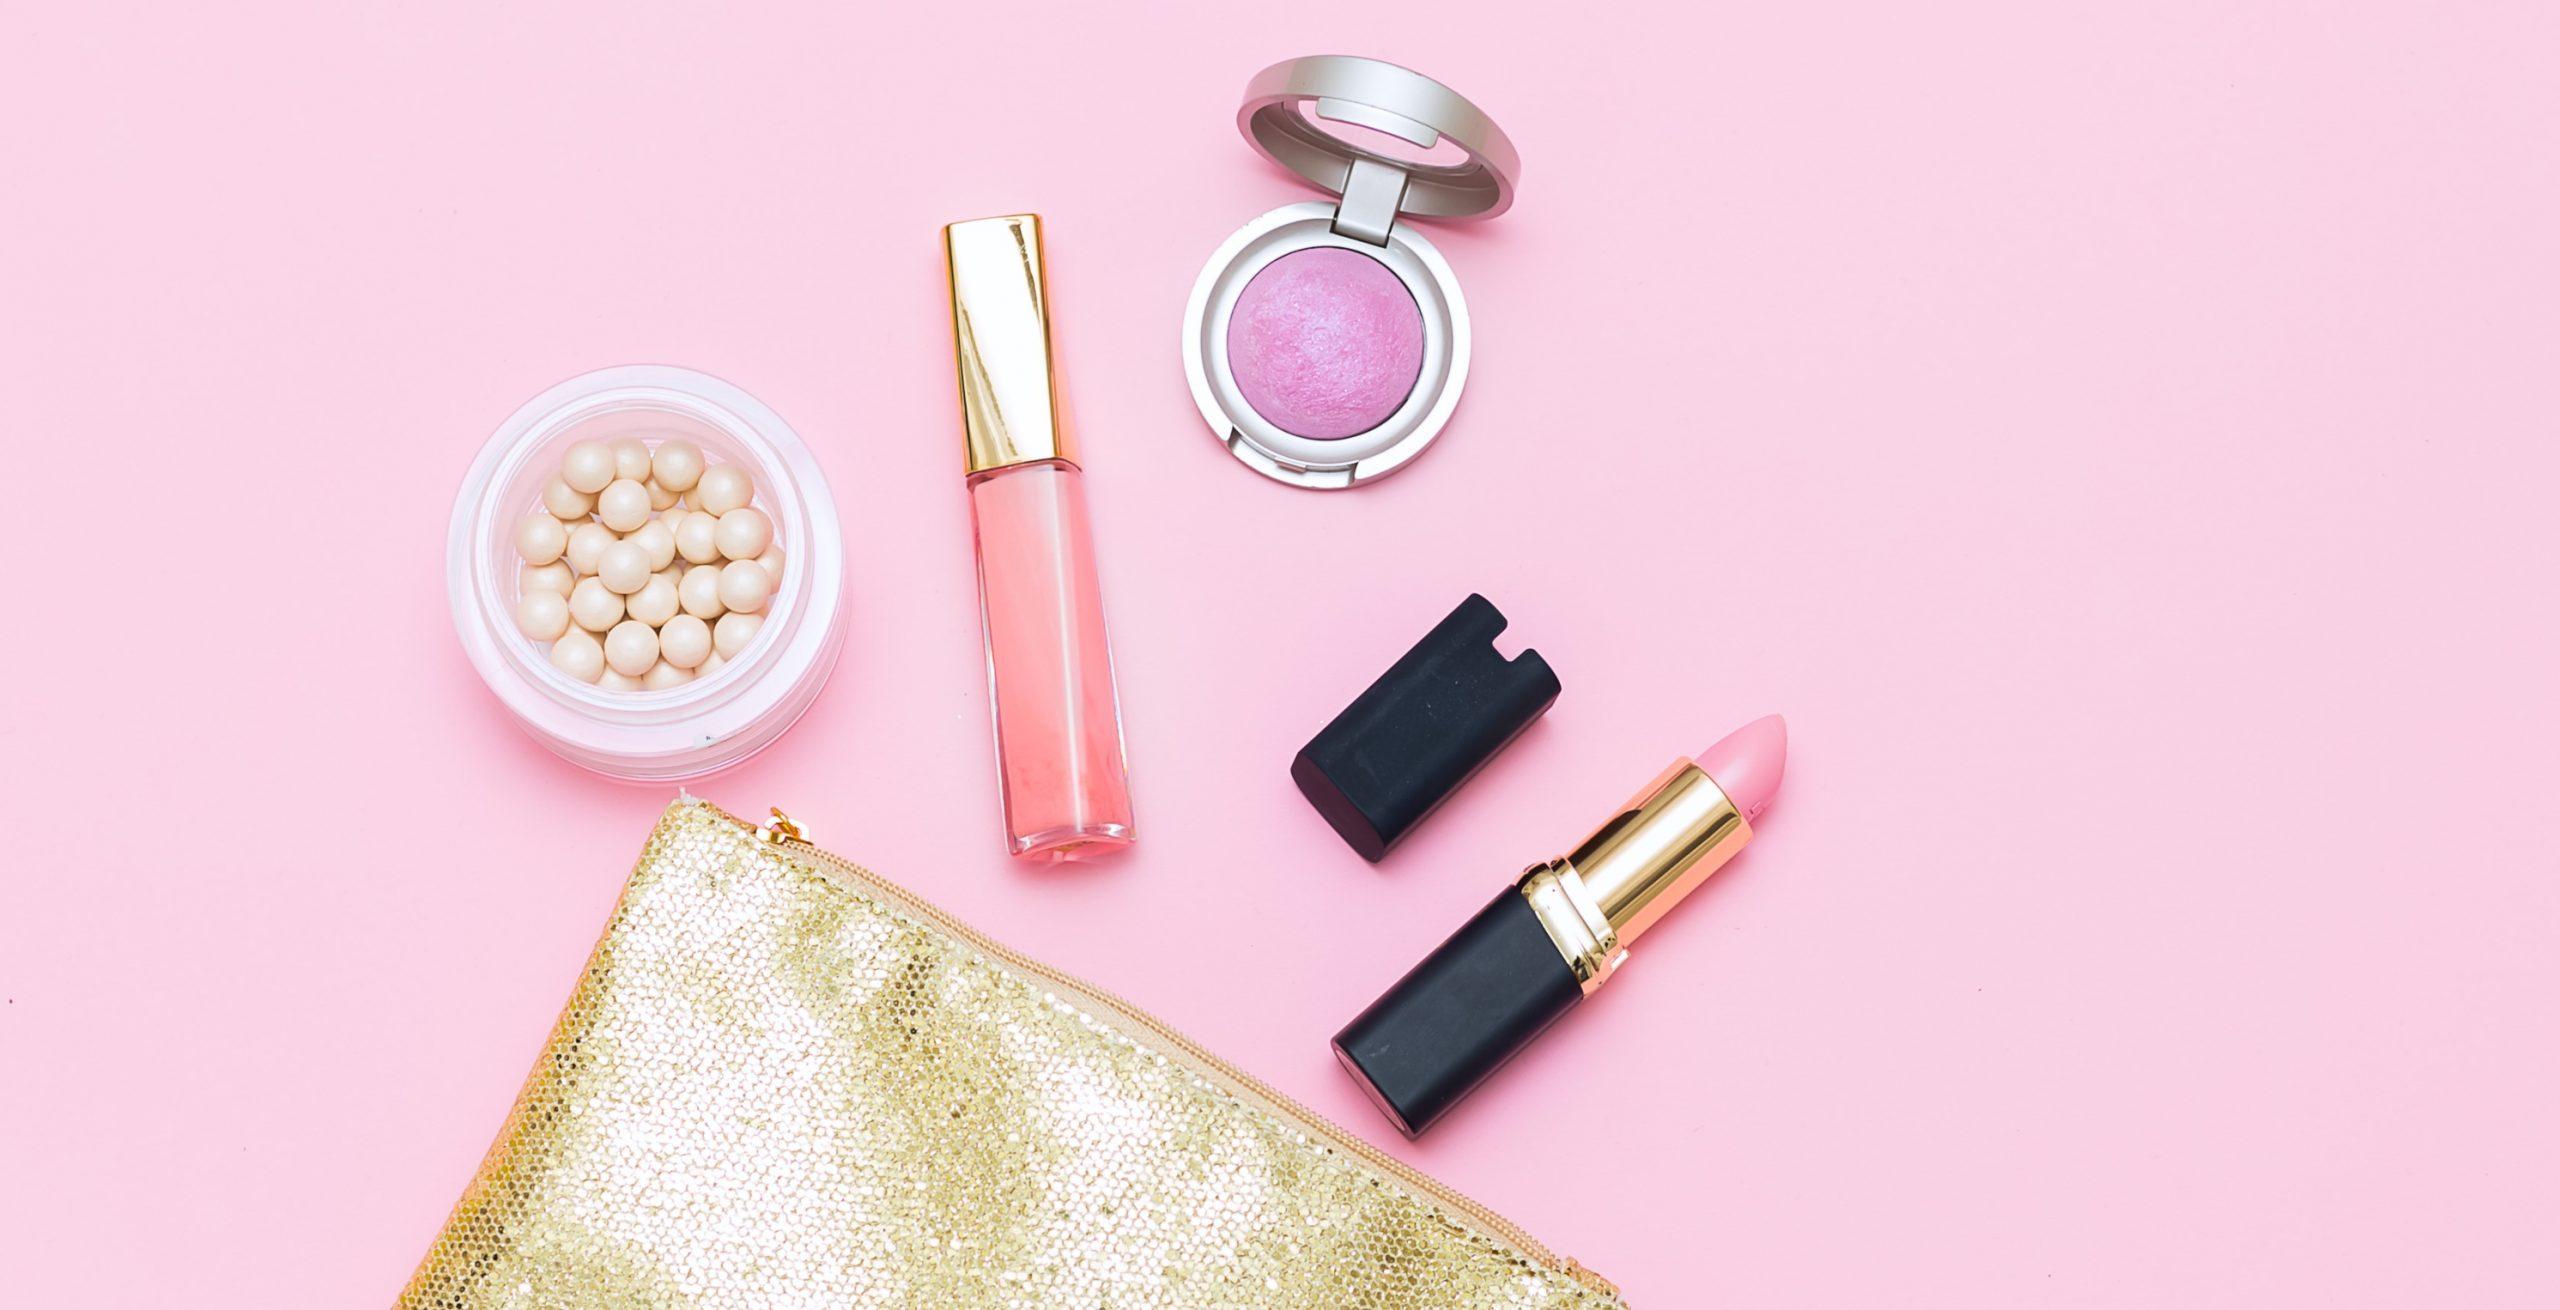 Miglior make-up BIO 2020: Guida all'acquisto